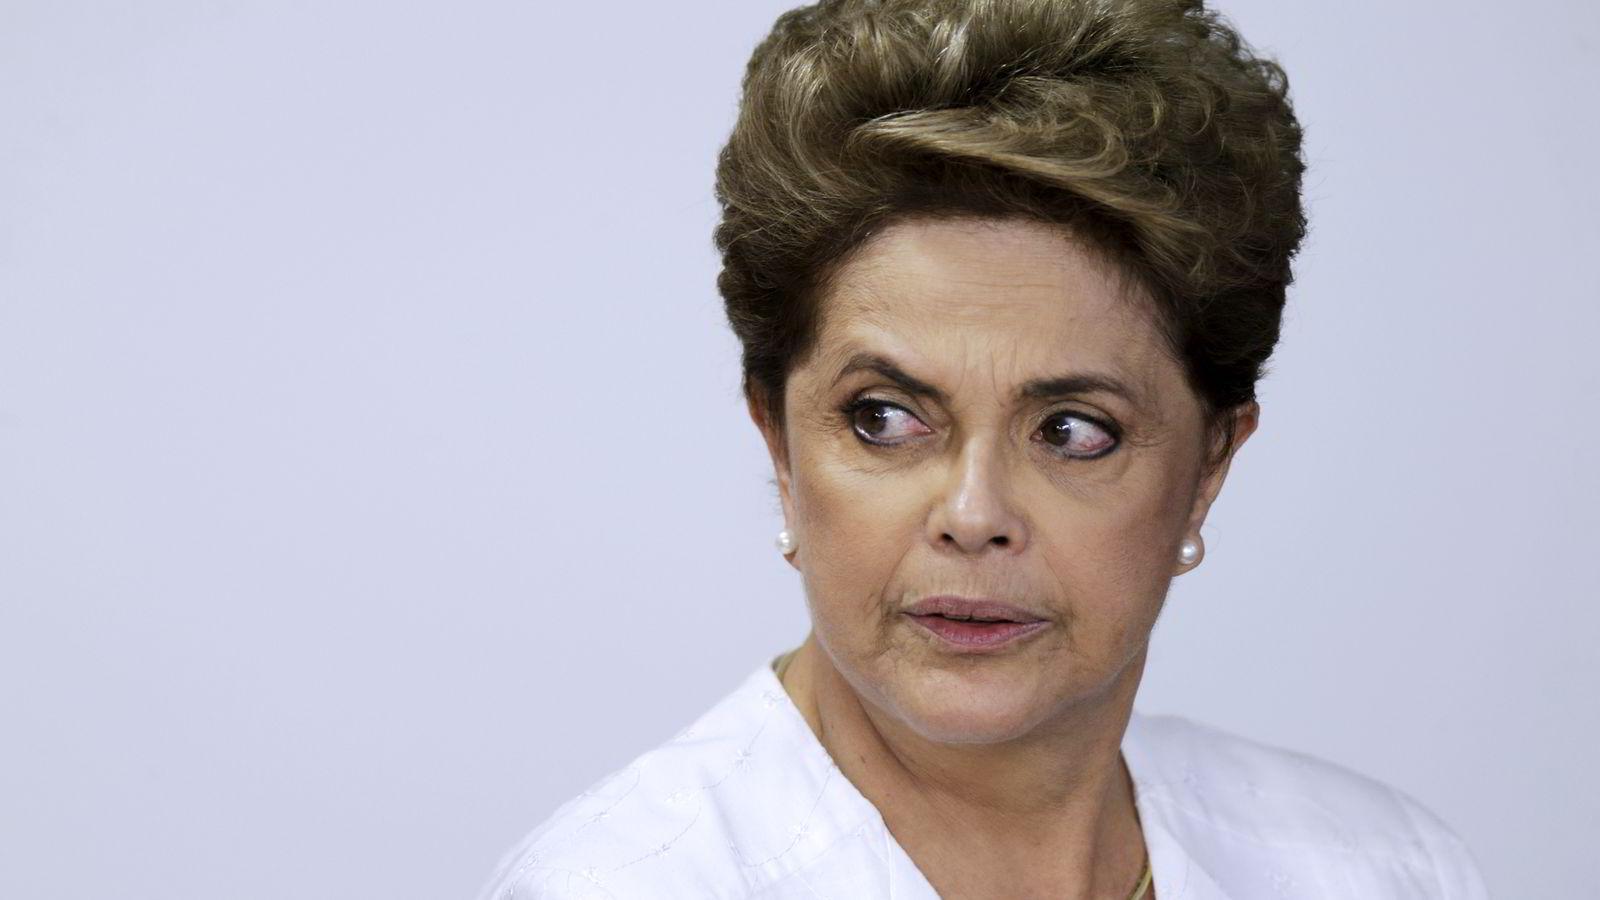 Et flertall av senatorene i nasjonalforsamlingen stemte torsdag for å stille Brasils president Dilma Rousseff for riksrett. Foto: REUTERS/Ueslei Marcelino/NTB SCANPIX